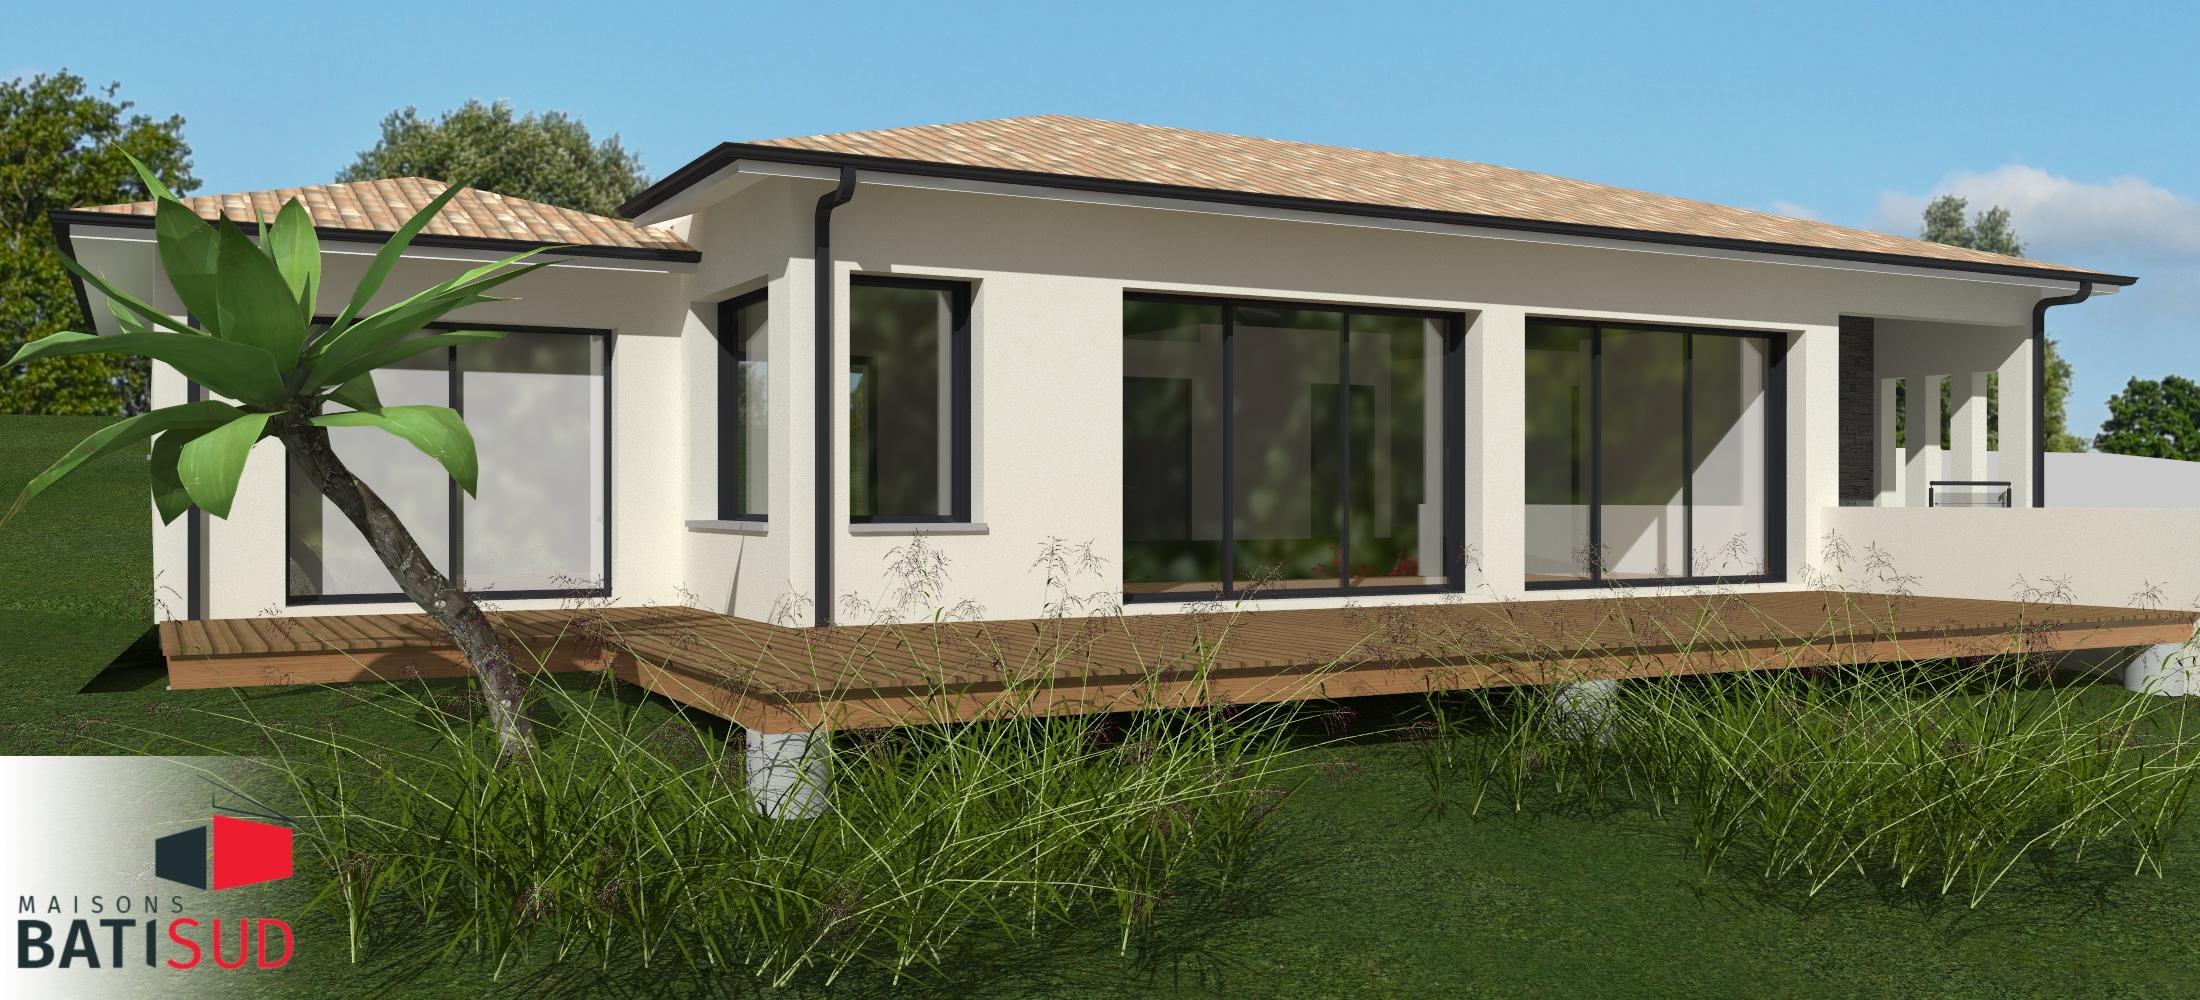 Maisons Bati Sud : Maison sur mesure à Pompignac